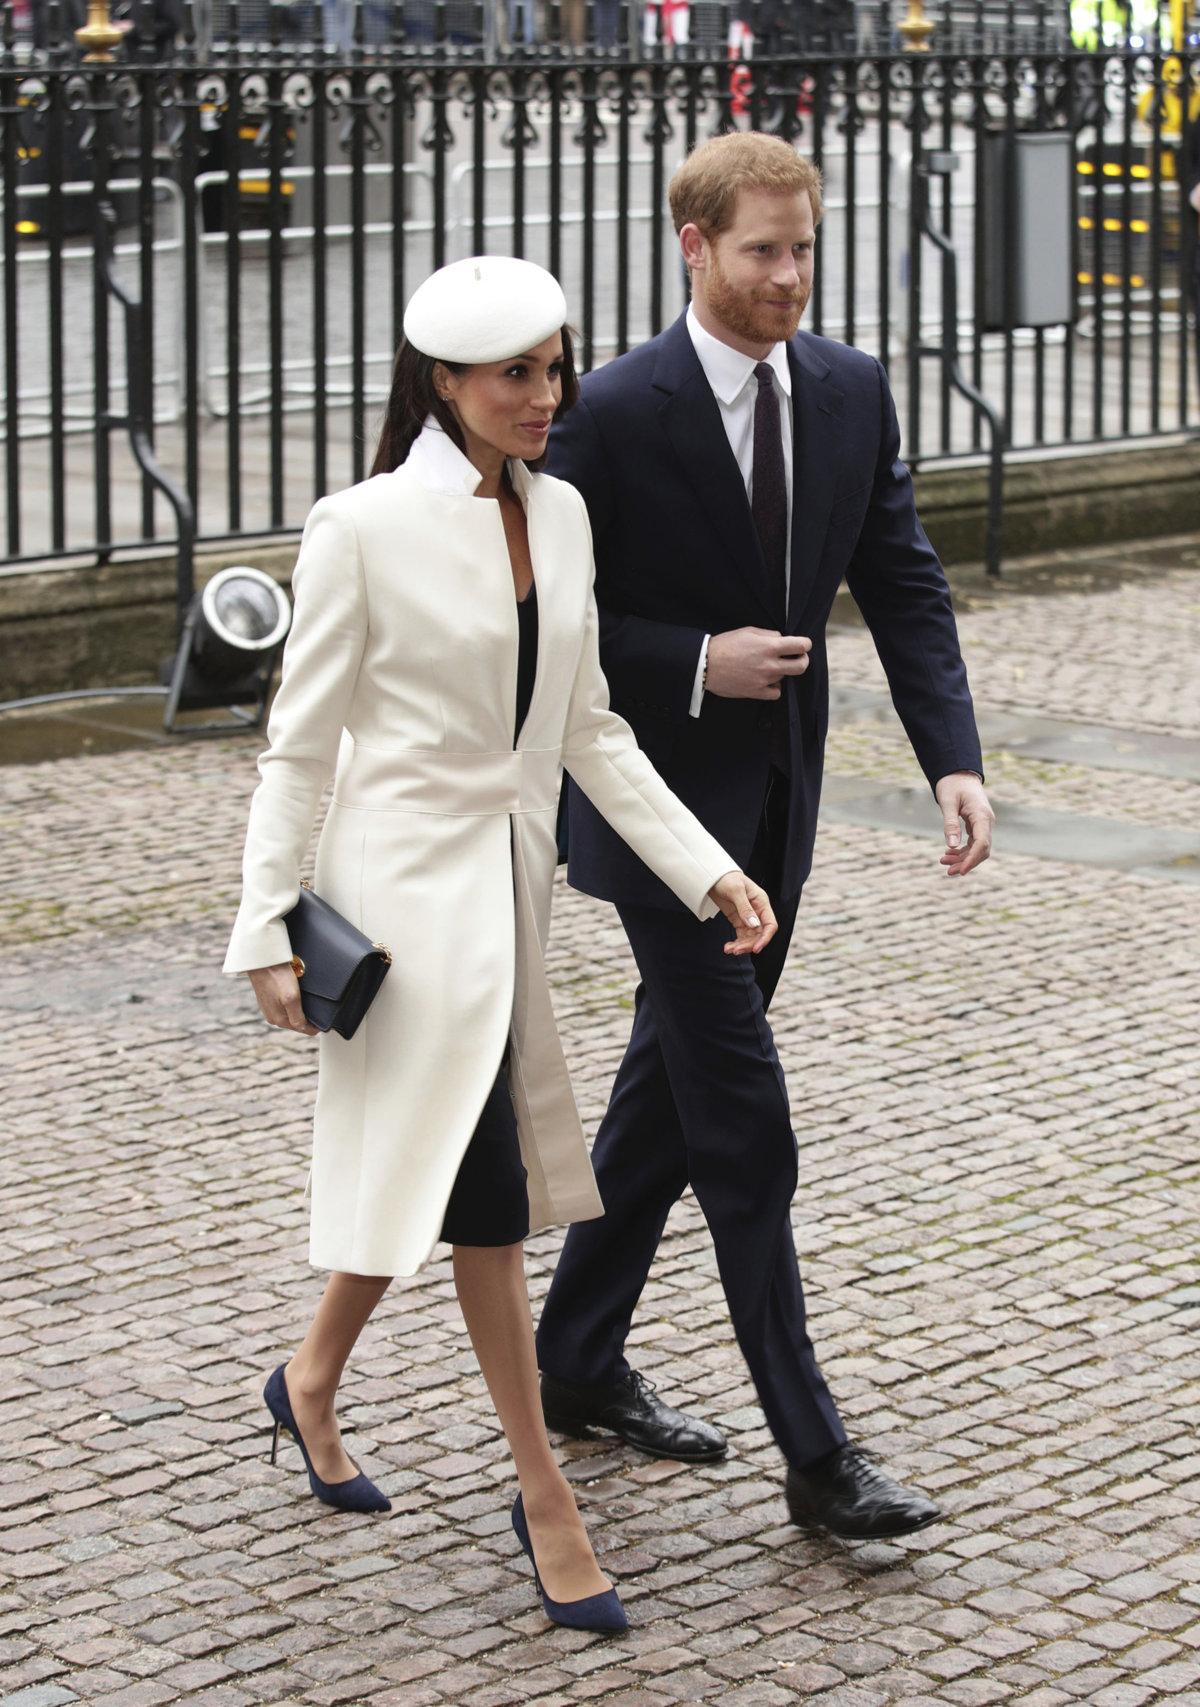 522ef6266b17 Kráľovská svadba zvýši príjmy ekonomiky o vyše miliardu - Ekonomika SME